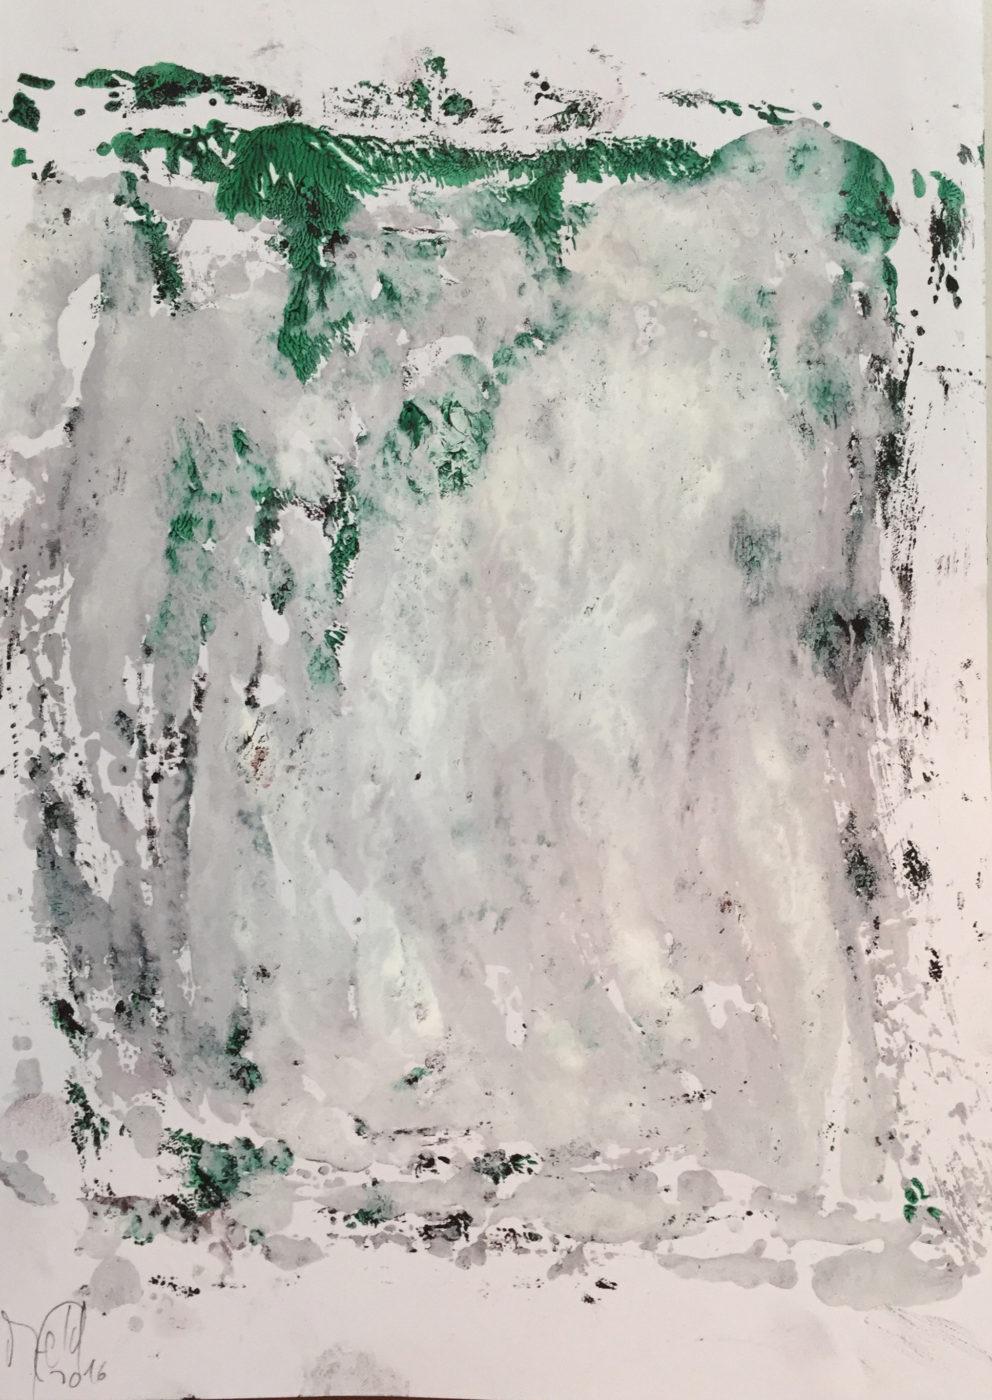 MARC FELD 2016 FRAGMENTATION 1 Huile et acrylique sur papier 29,7 x 21 cm